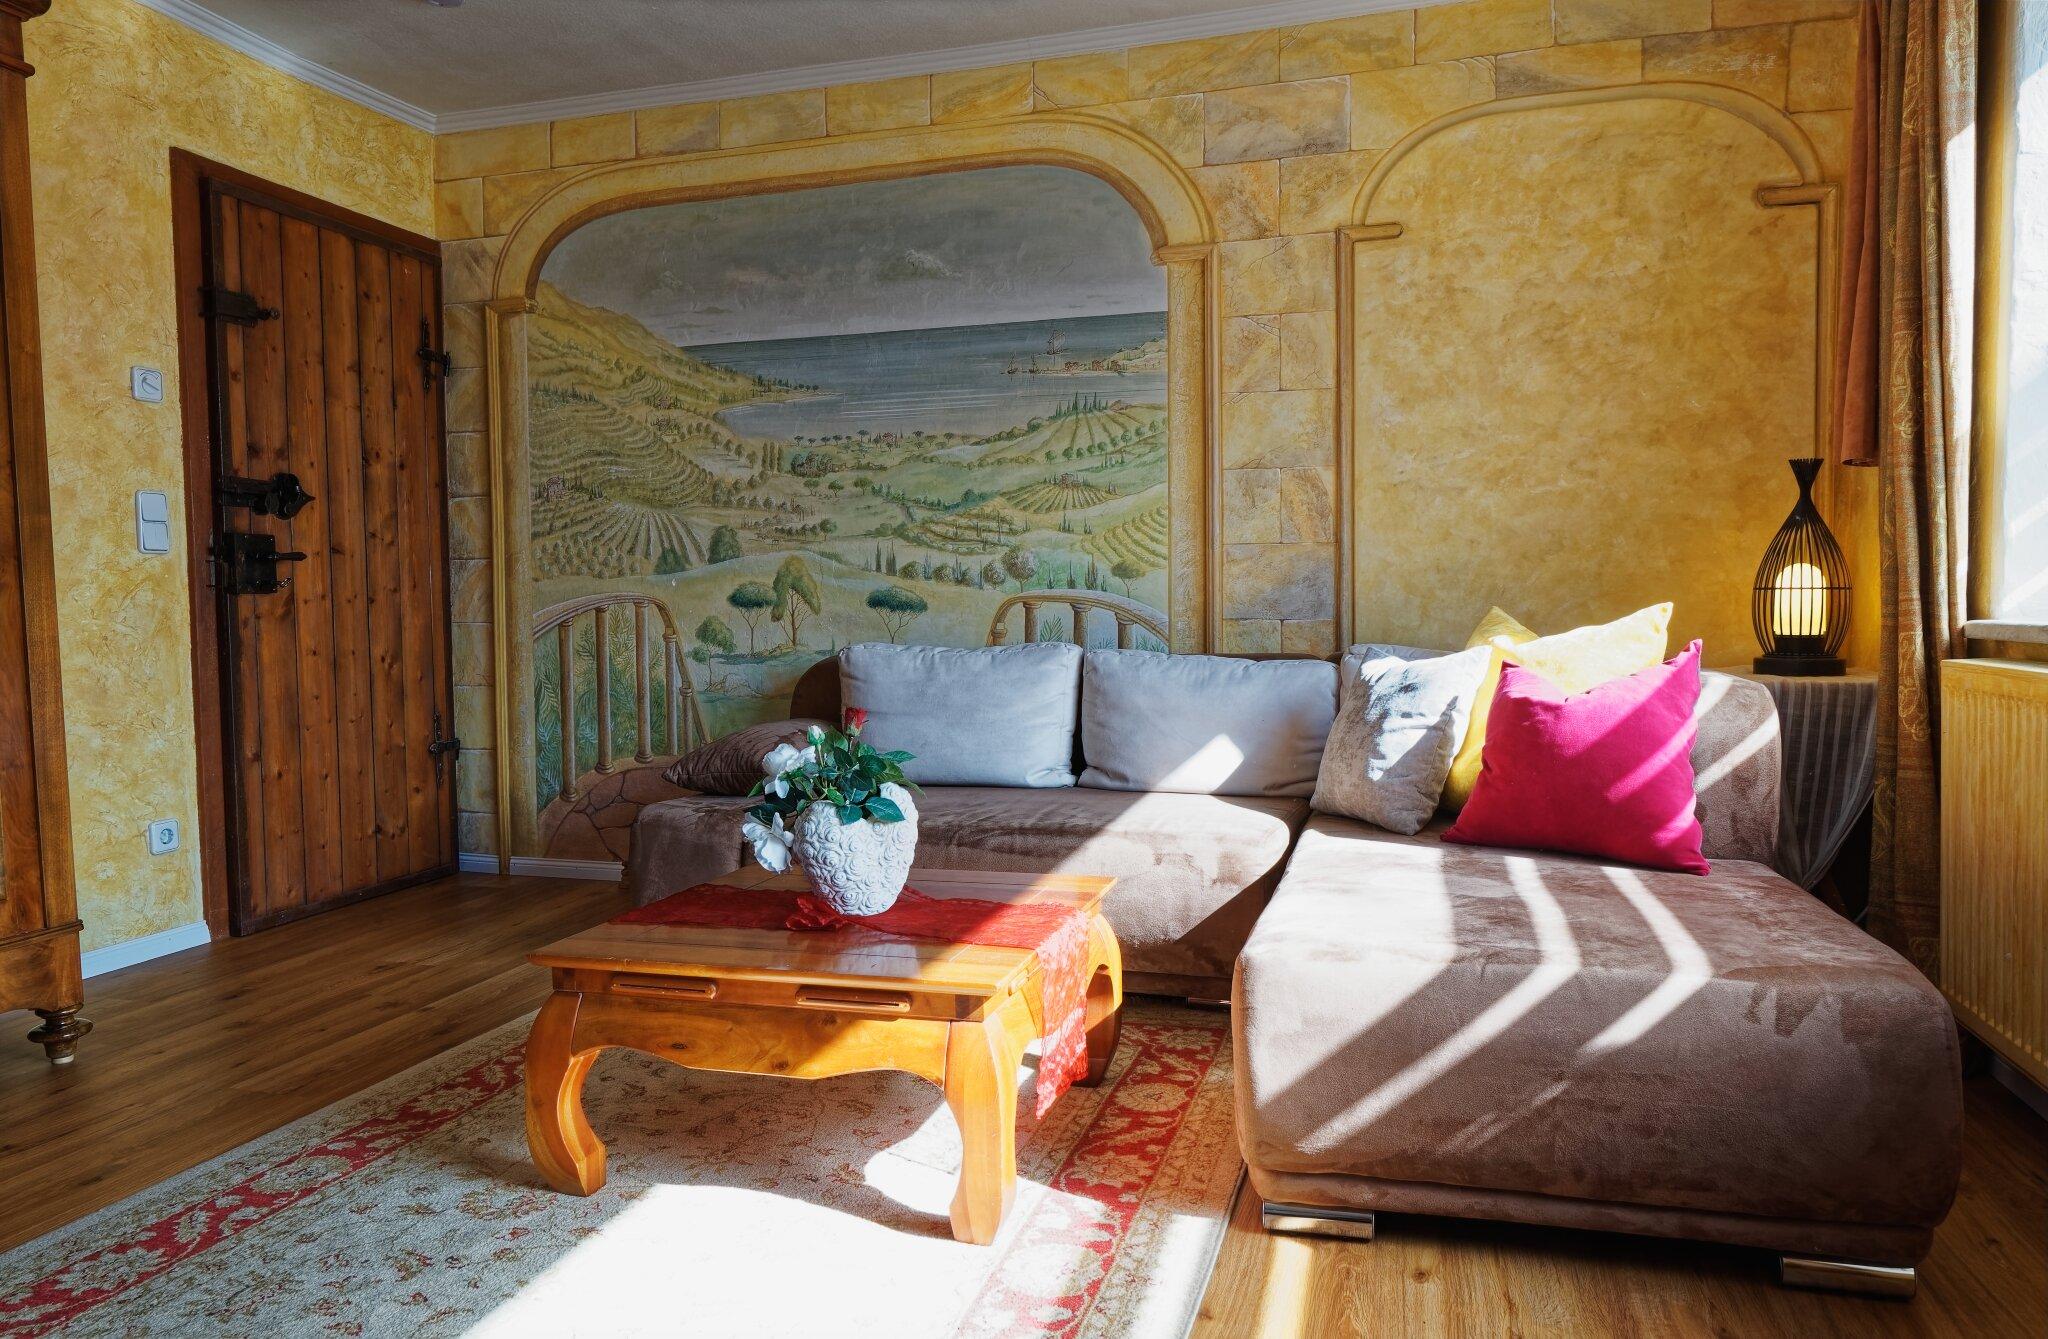 Ferienwohnung Villa Casa In Bad Tölz Obj Nr.13813